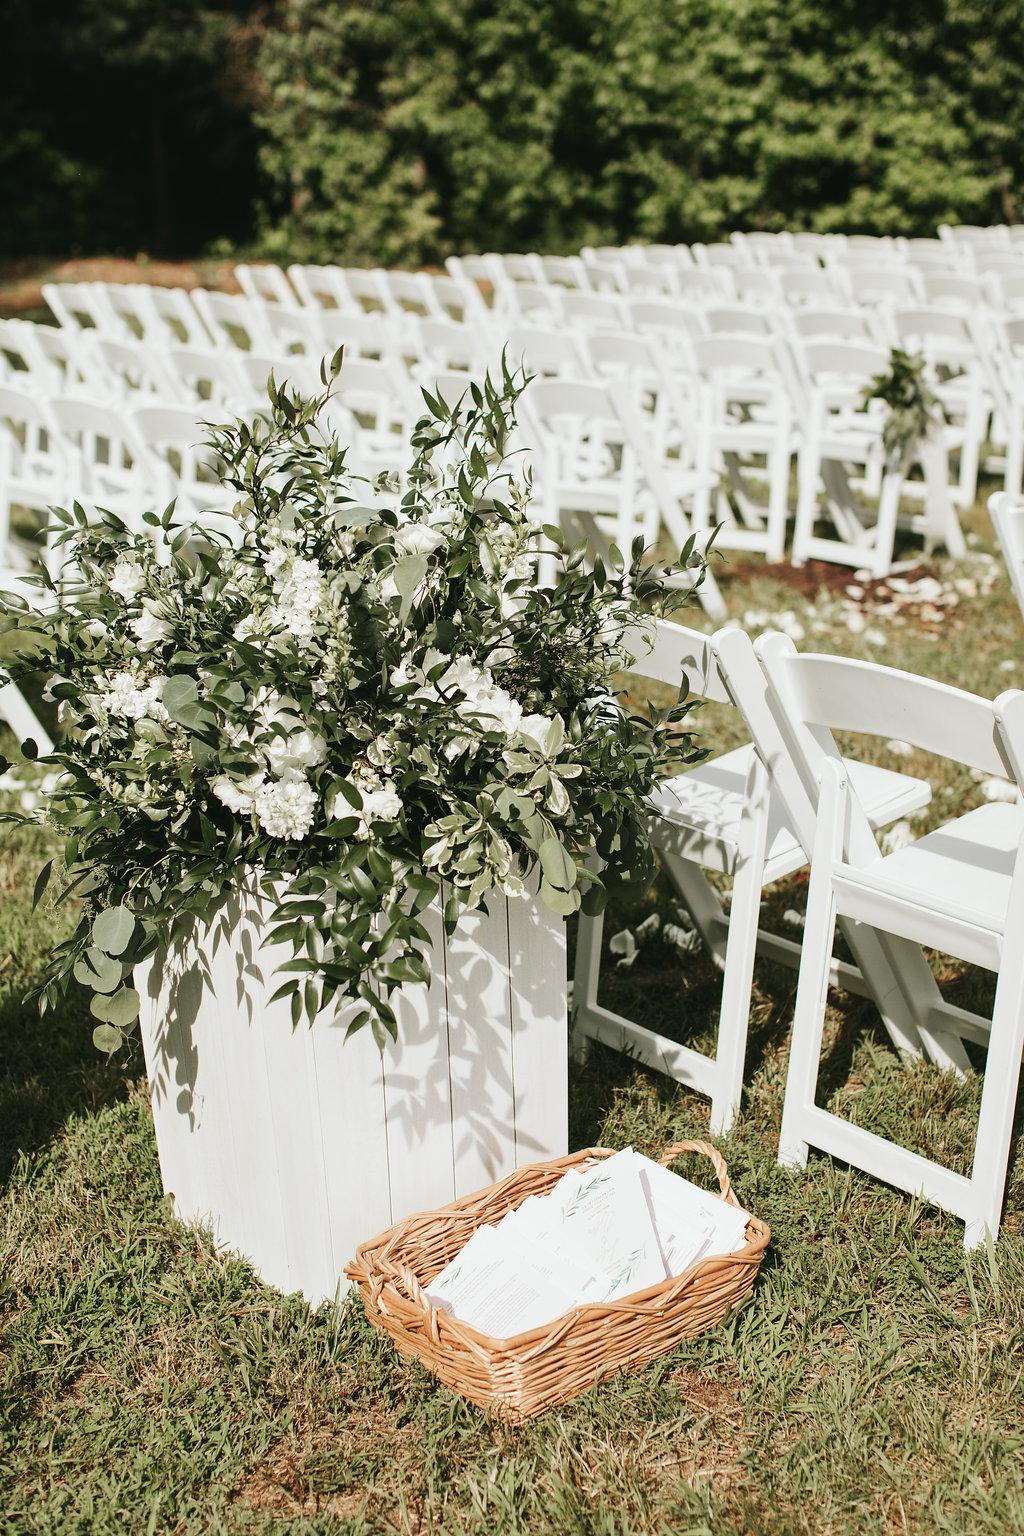 DylanandJulia_Wedding_Finals_052817_BSP-362.jpg